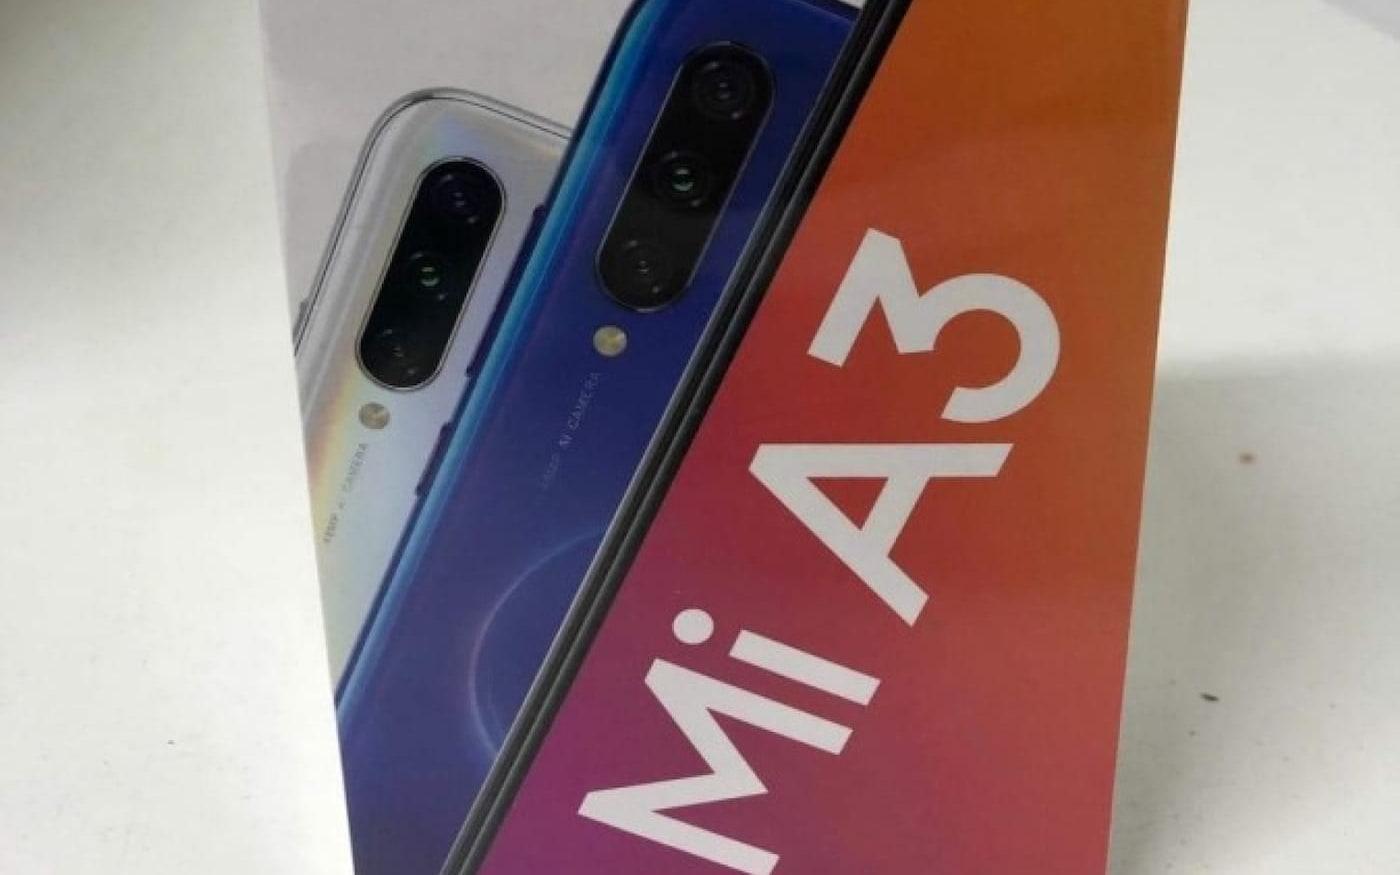 Fotos de unboxing do Mi A3 confirma processador Snapdragon 665